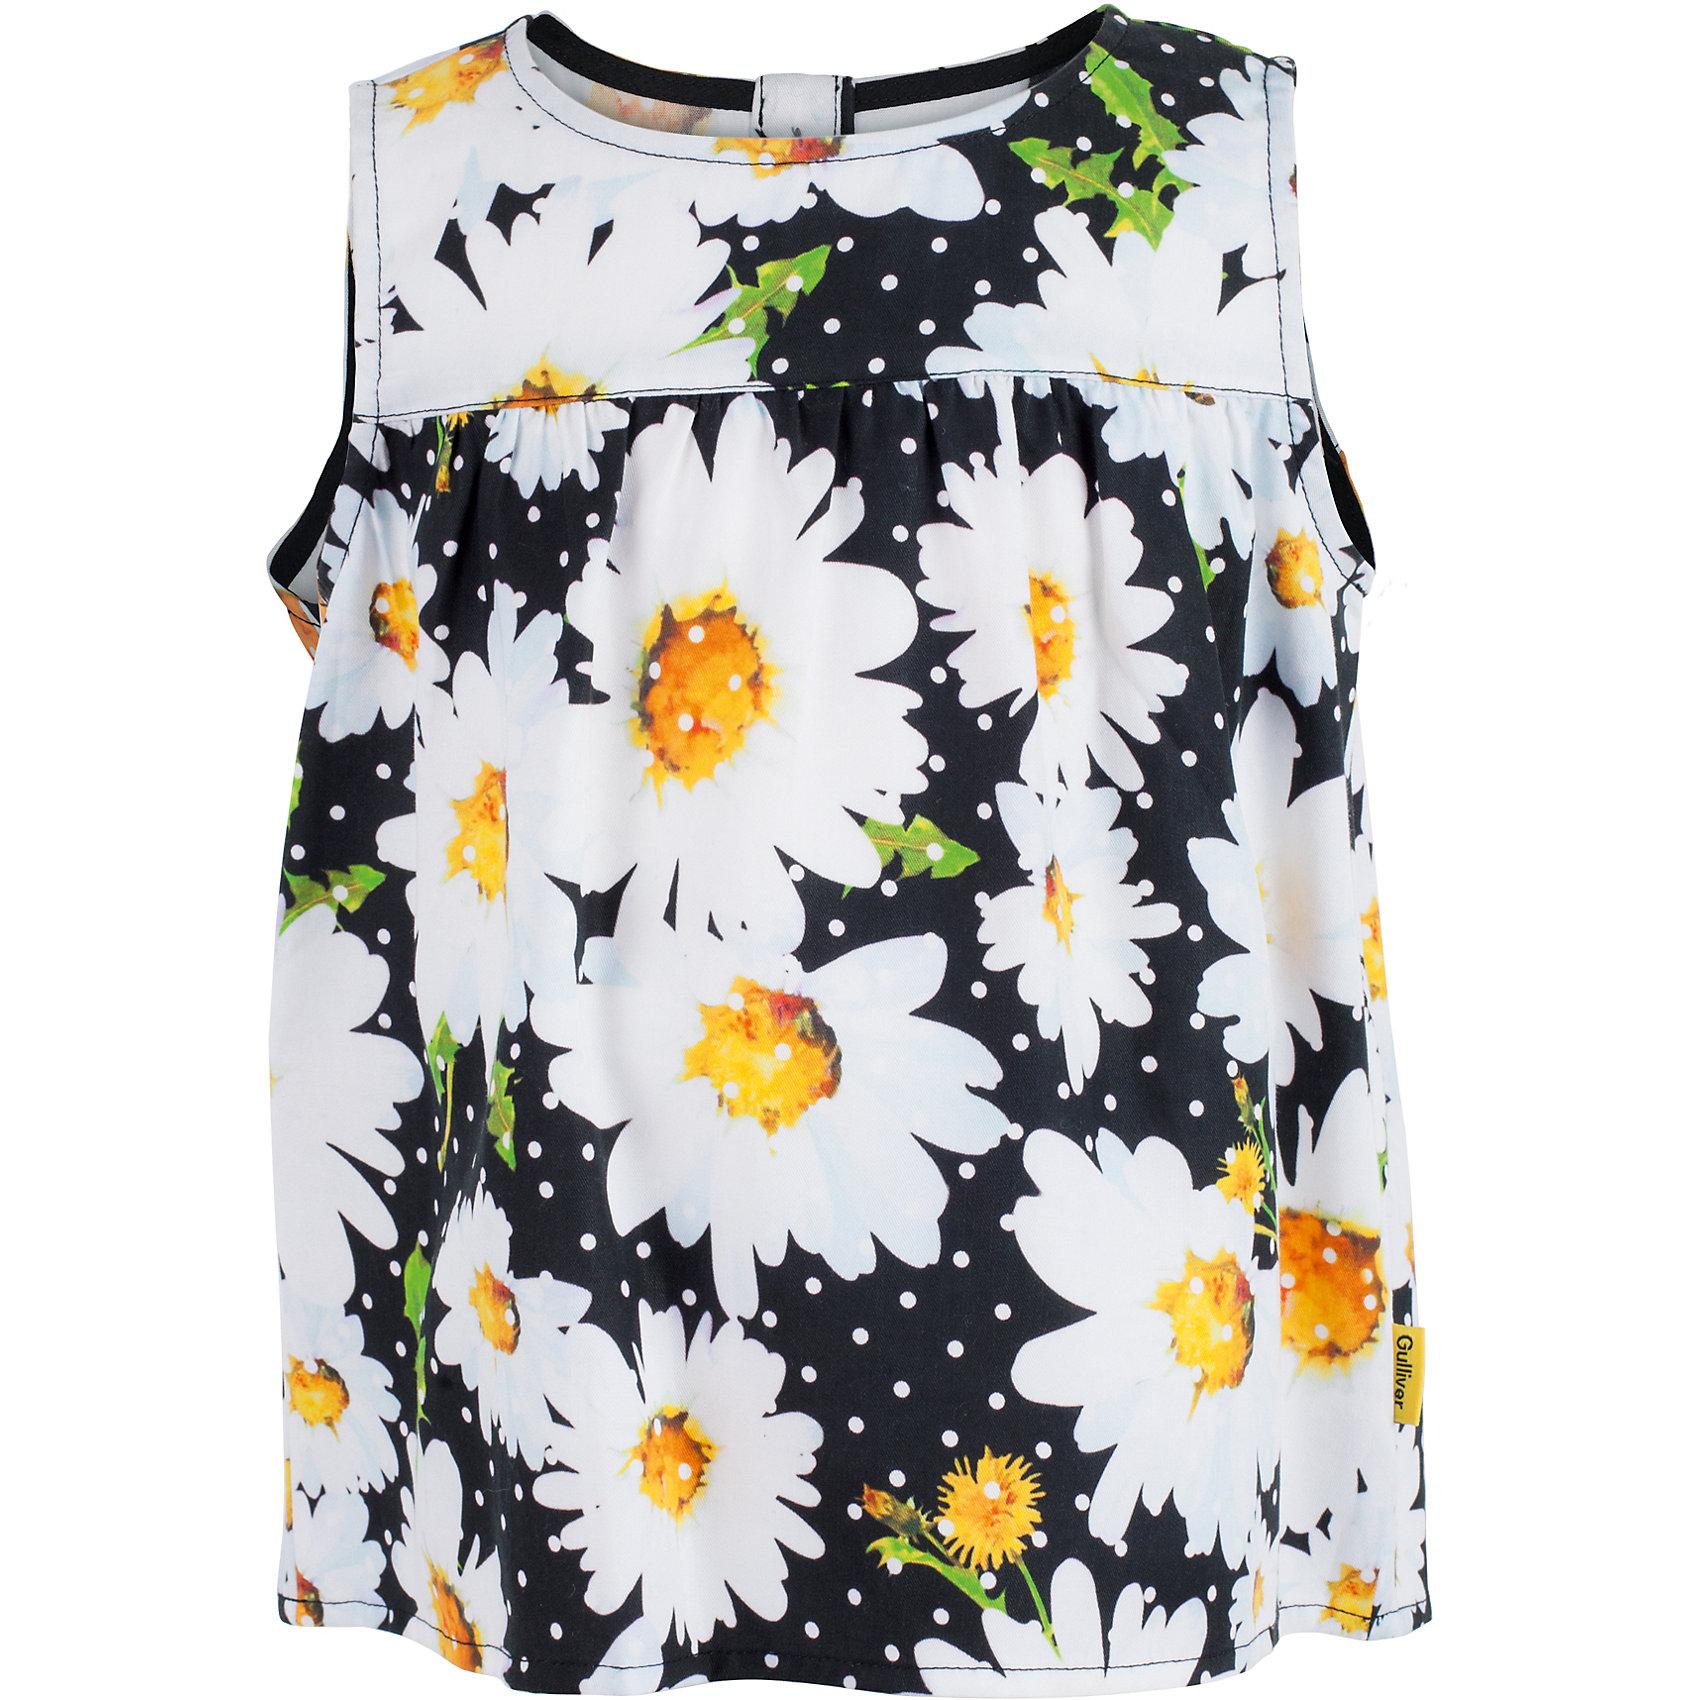 Блузка для девочки GulliverБлузки и рубашки<br>Характеристики товара:<br><br>• цвет: чёрный<br>• материал: 100% вискоза<br>• трапециевидная форма<br>• застёжка: пуговицы<br>• сезон: лето<br>• страна бренда: Российская Федерация<br>• страна производства: Китай<br><br>Легкая чёрная блузка трапециевидной форма для девочки от известного бренда Гулливер. Блузка застёгивается сзади на пуговицы по все длине. На блузку нанесён рисунок в виде цветов ромашки.<br><br>Блузку для девочки от известного бренда Gulliver можно купить в нашем интернет-магазине.<br><br>Ширина мм: 186<br>Глубина мм: 87<br>Высота мм: 198<br>Вес г: 197<br>Цвет: черный<br>Возраст от месяцев: 24<br>Возраст до месяцев: 36<br>Пол: Женский<br>Возраст: Детский<br>Размер: 110,104,116,98<br>SKU: 5483549